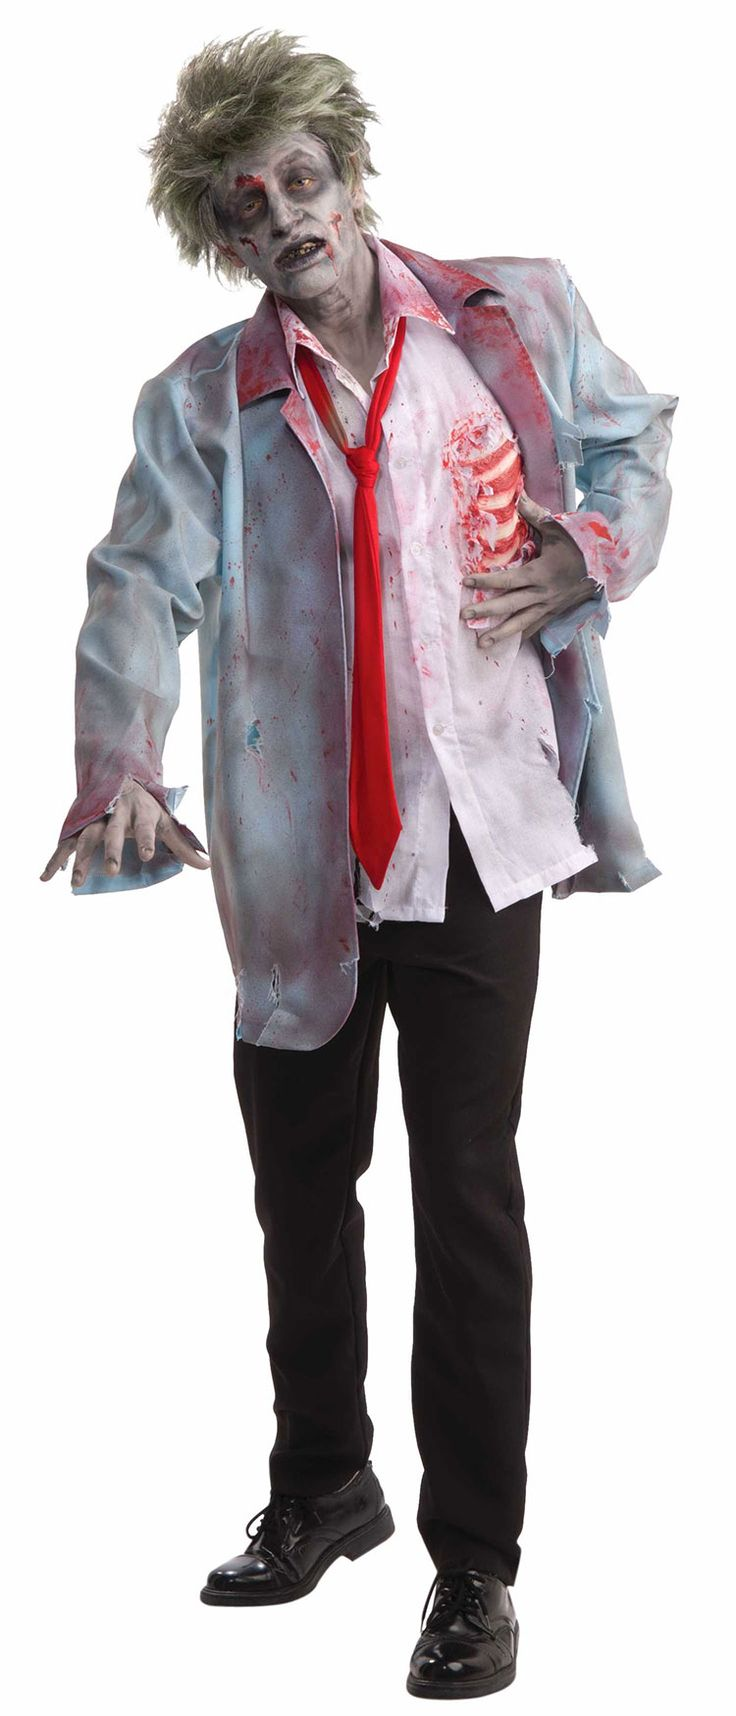 Man Zombie Costume - Zombie Costumes